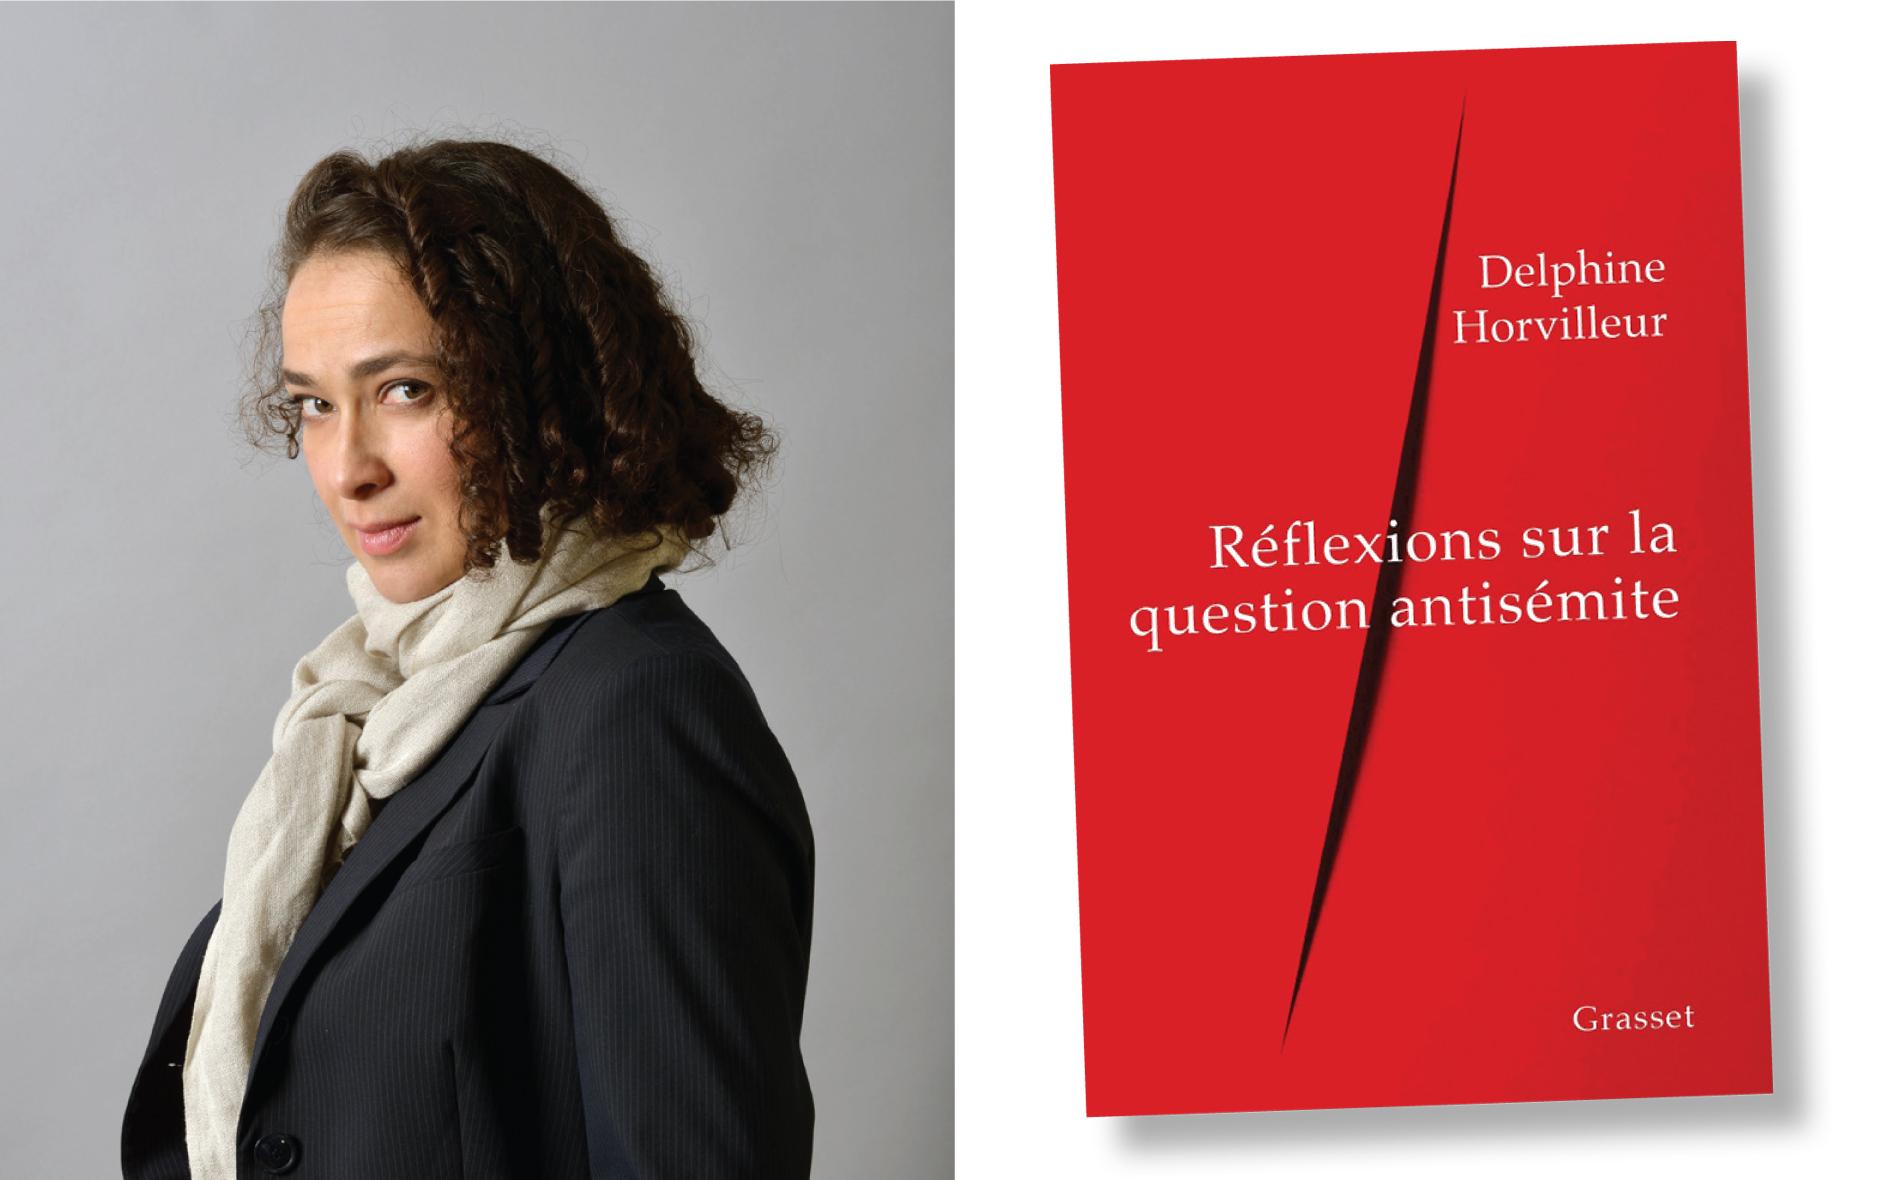 RÉFLEXIONS DU RABBIN DELPHINE HORVILLEUR SUR L'ANTISÉMITISME